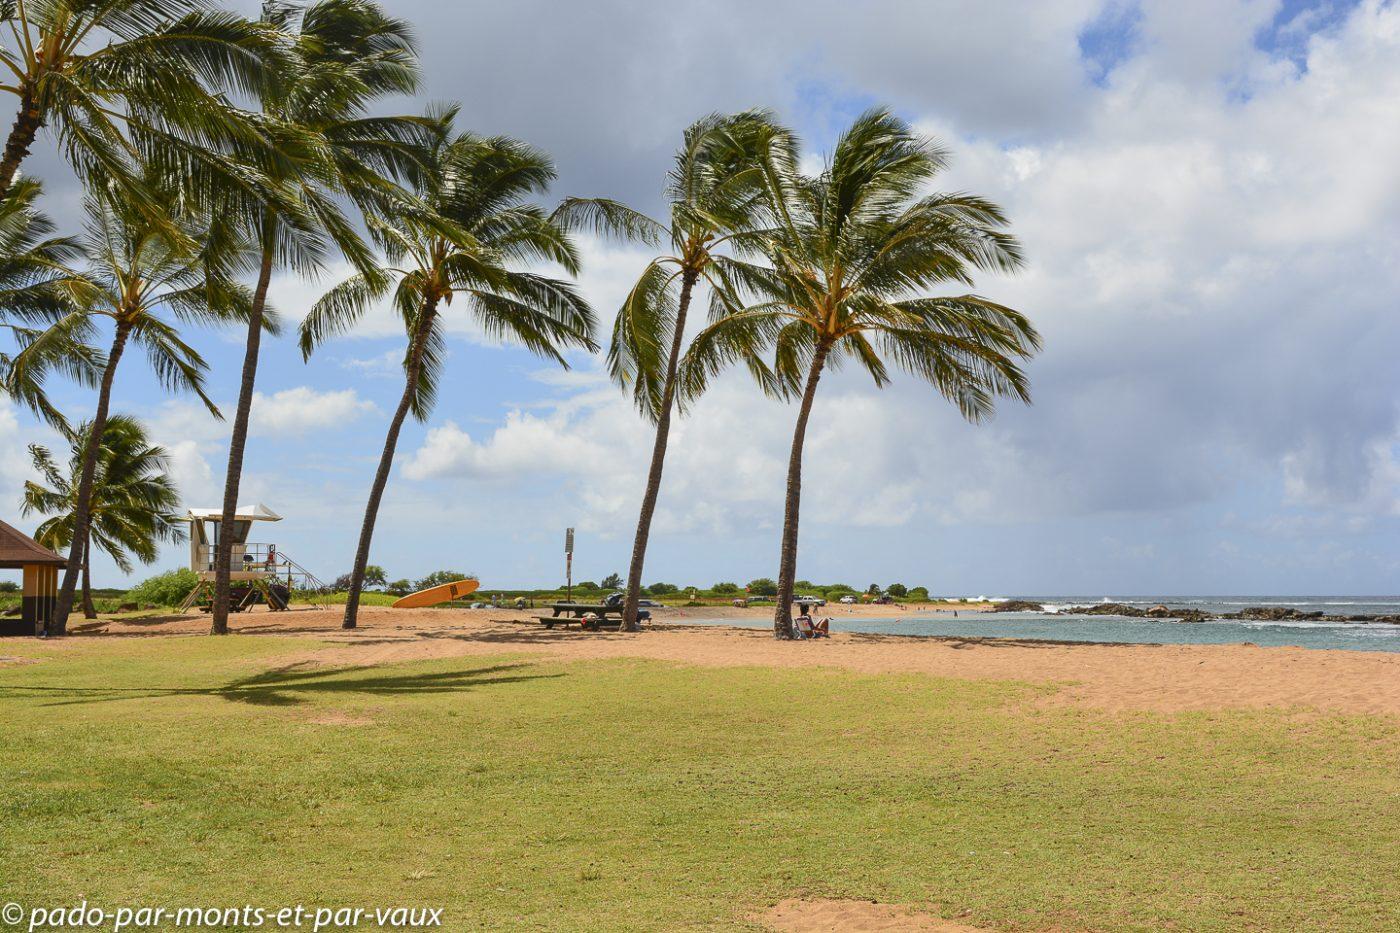 Kauai -  Salt pond beach park